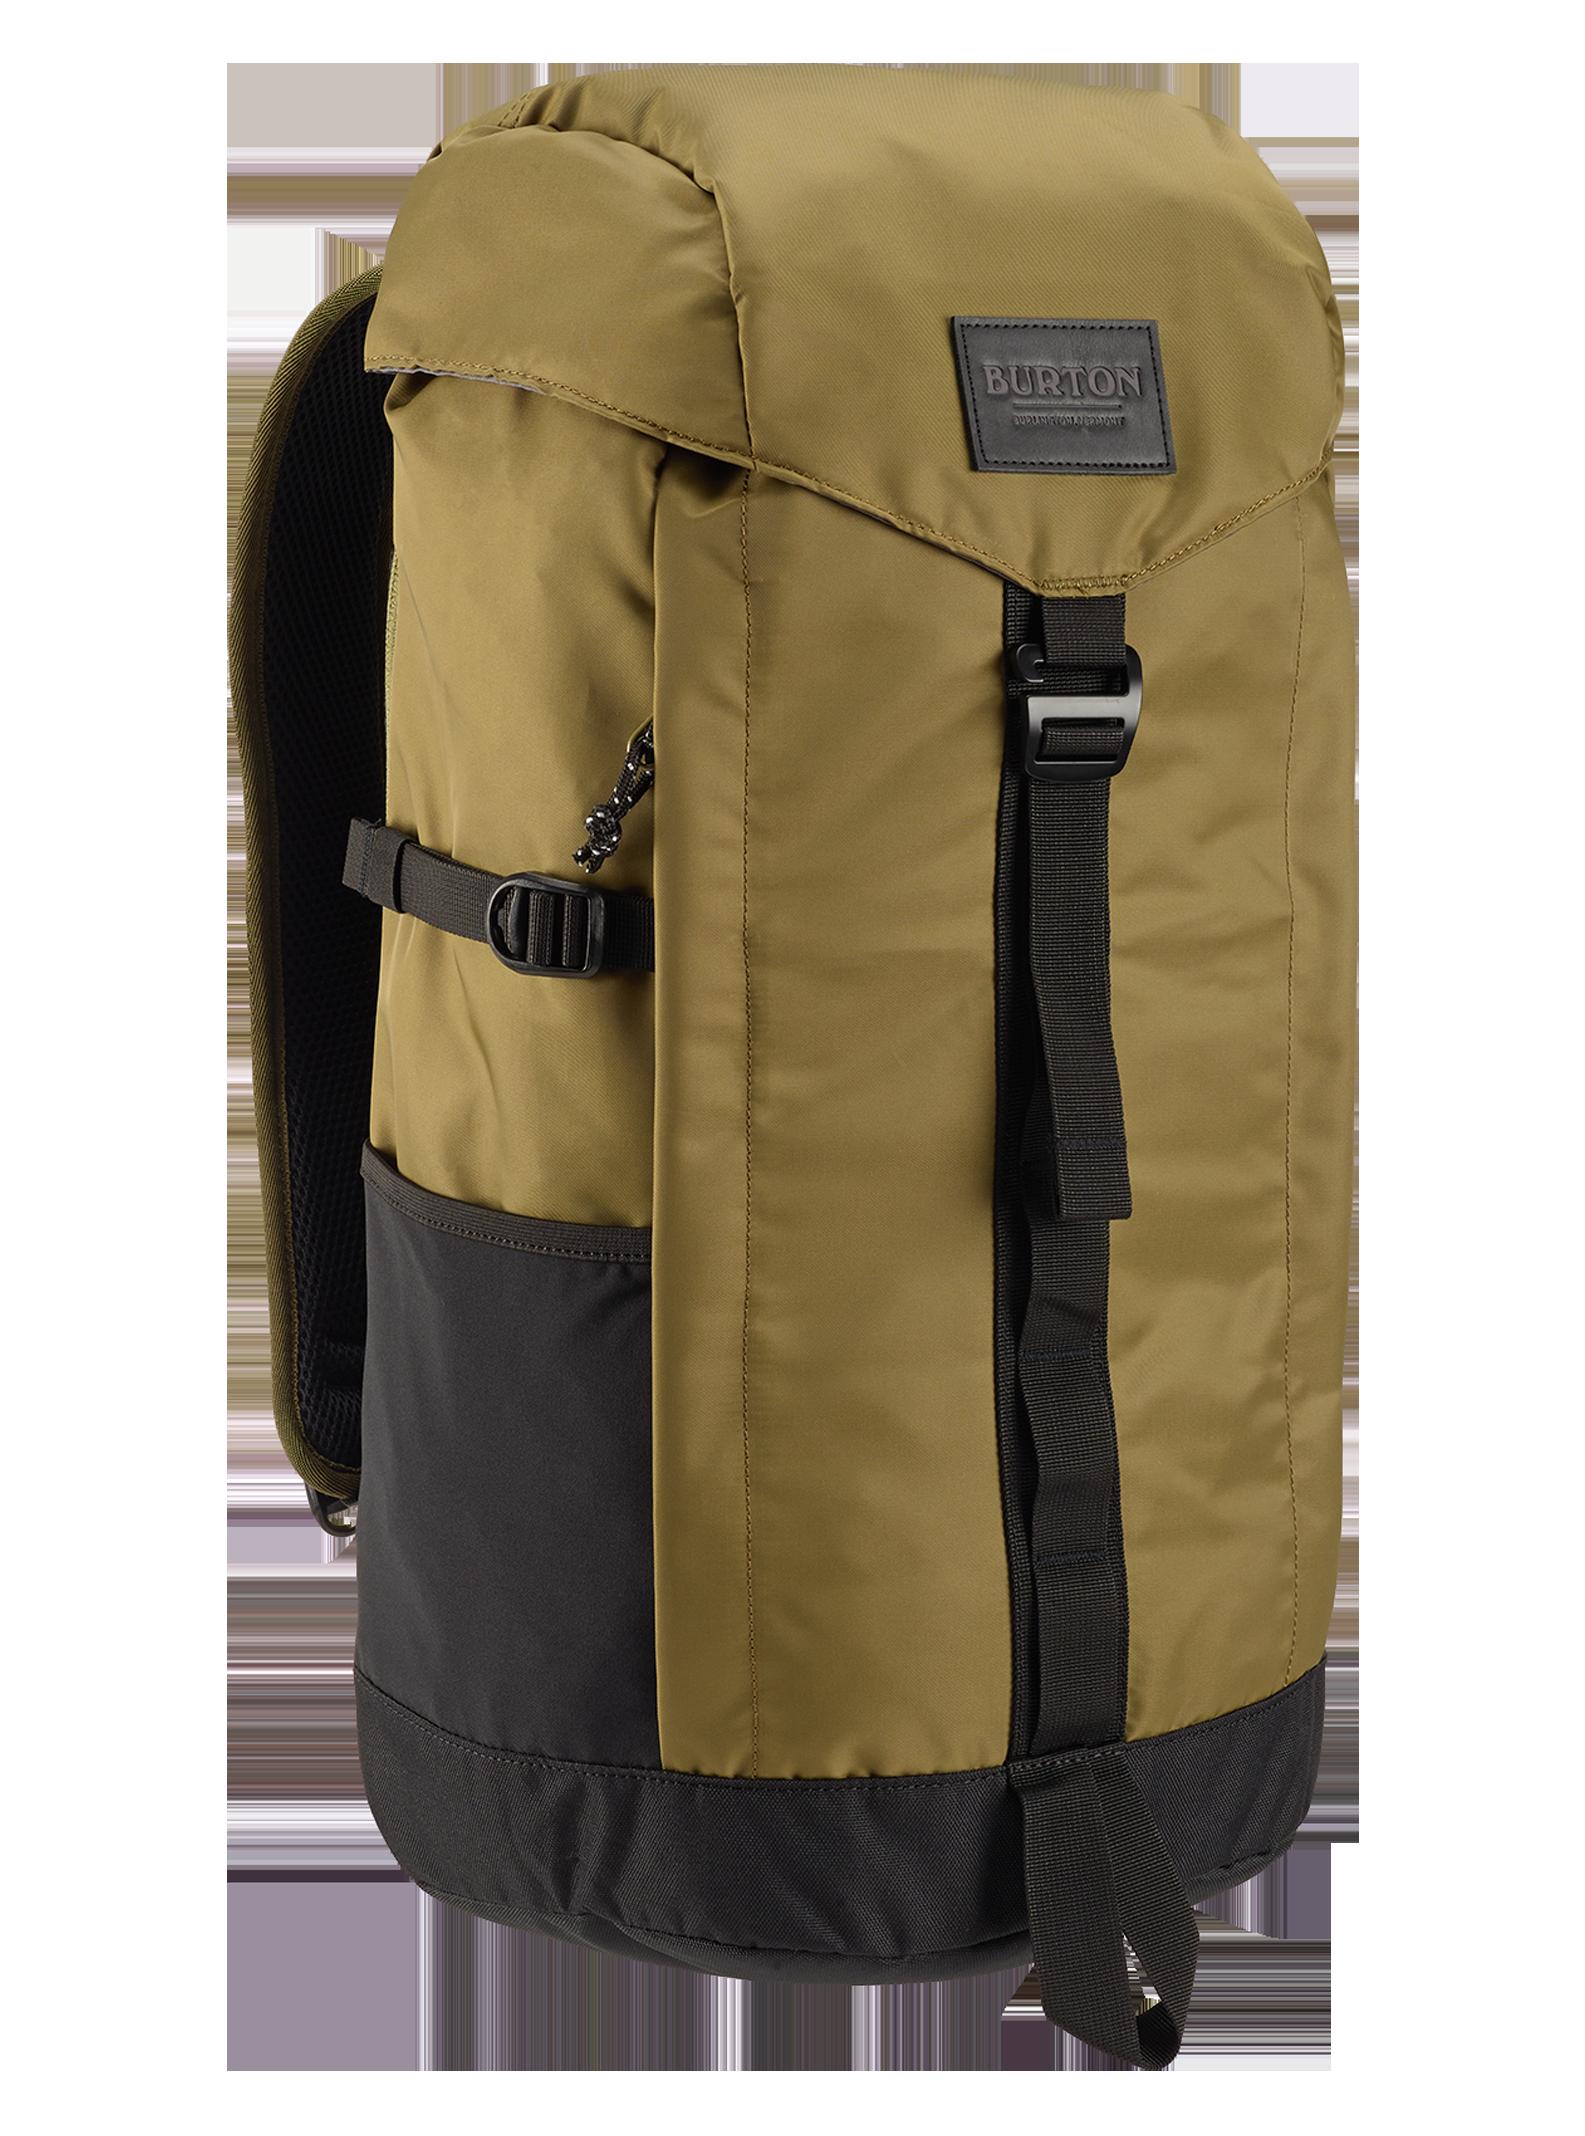 Burton Annex Backpack Rucksack BLACK RIPSTOP Schwarz Schule Sport *SALE* NEU